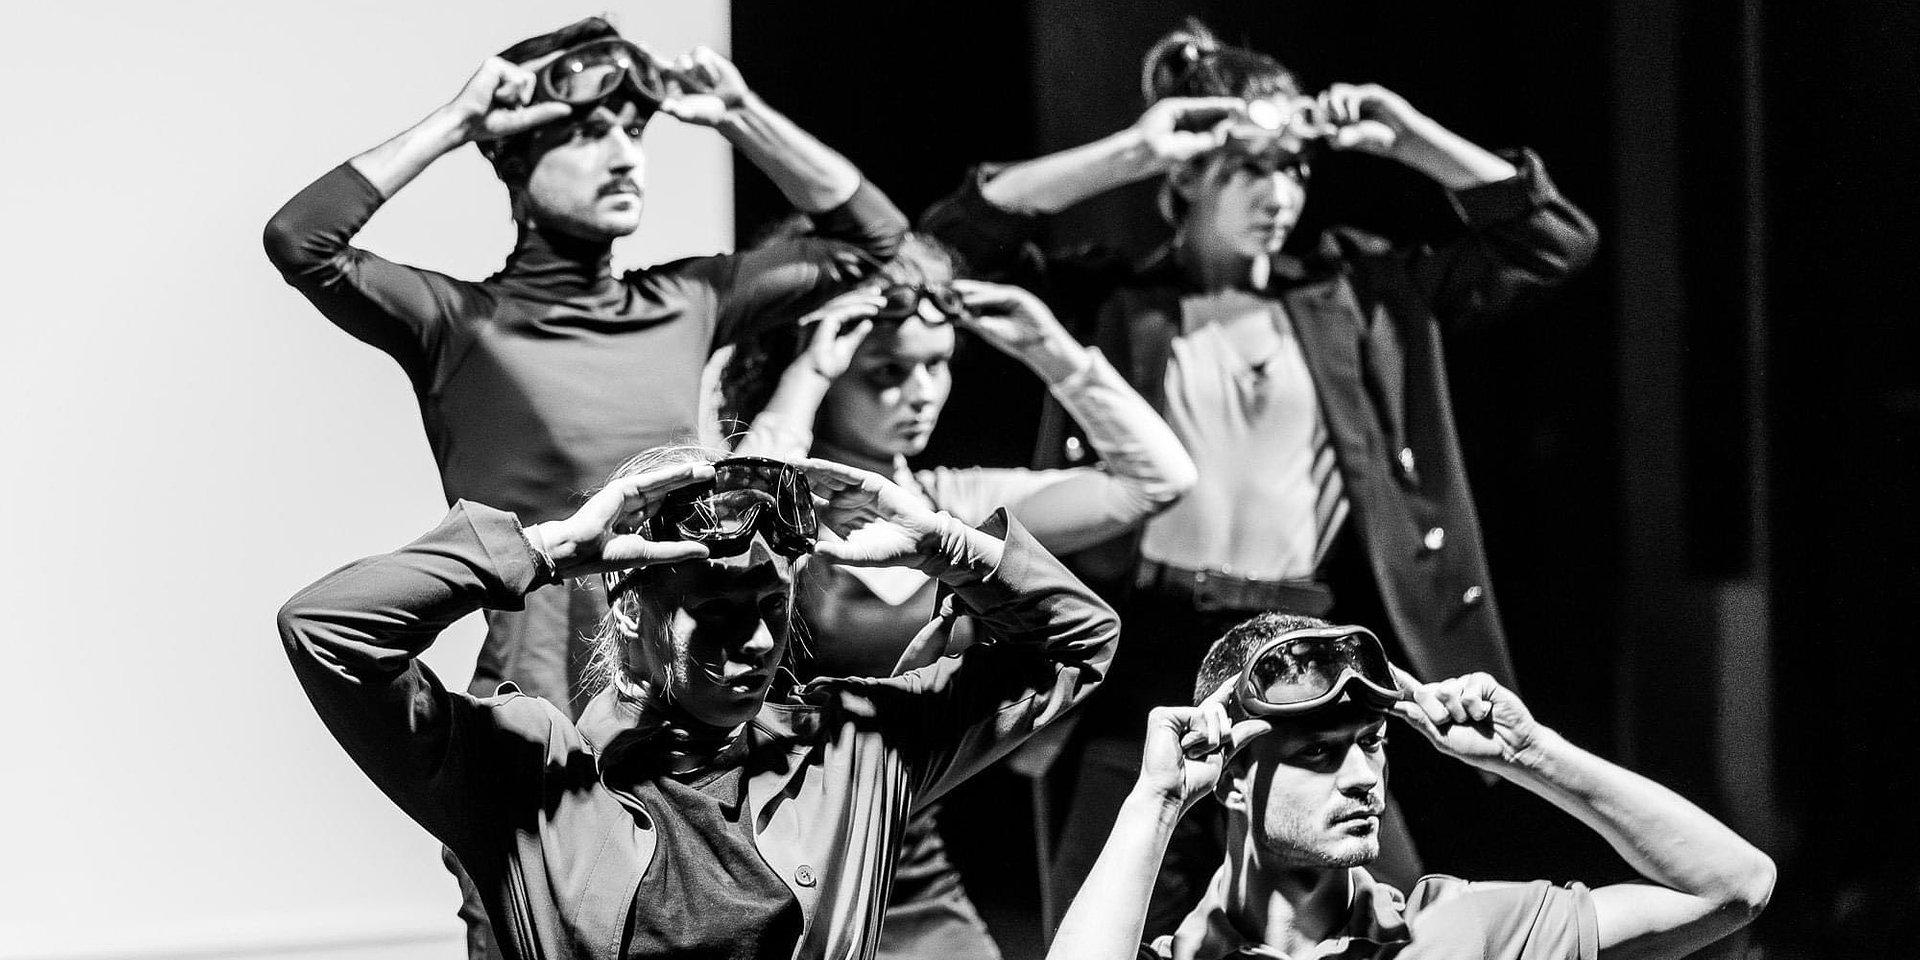 Taneczne życie w sieci – wieczór sceny CST